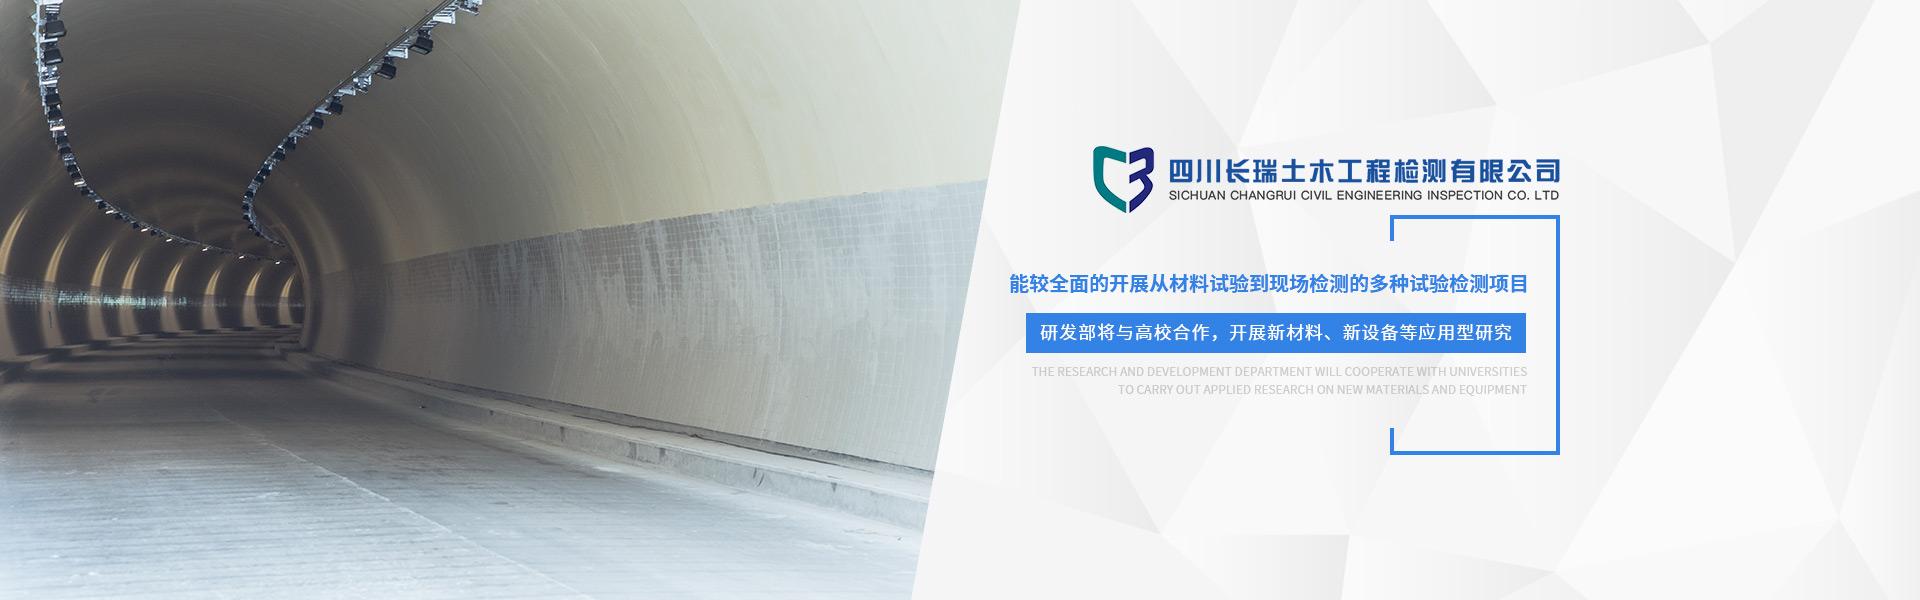 四川工程试验检测